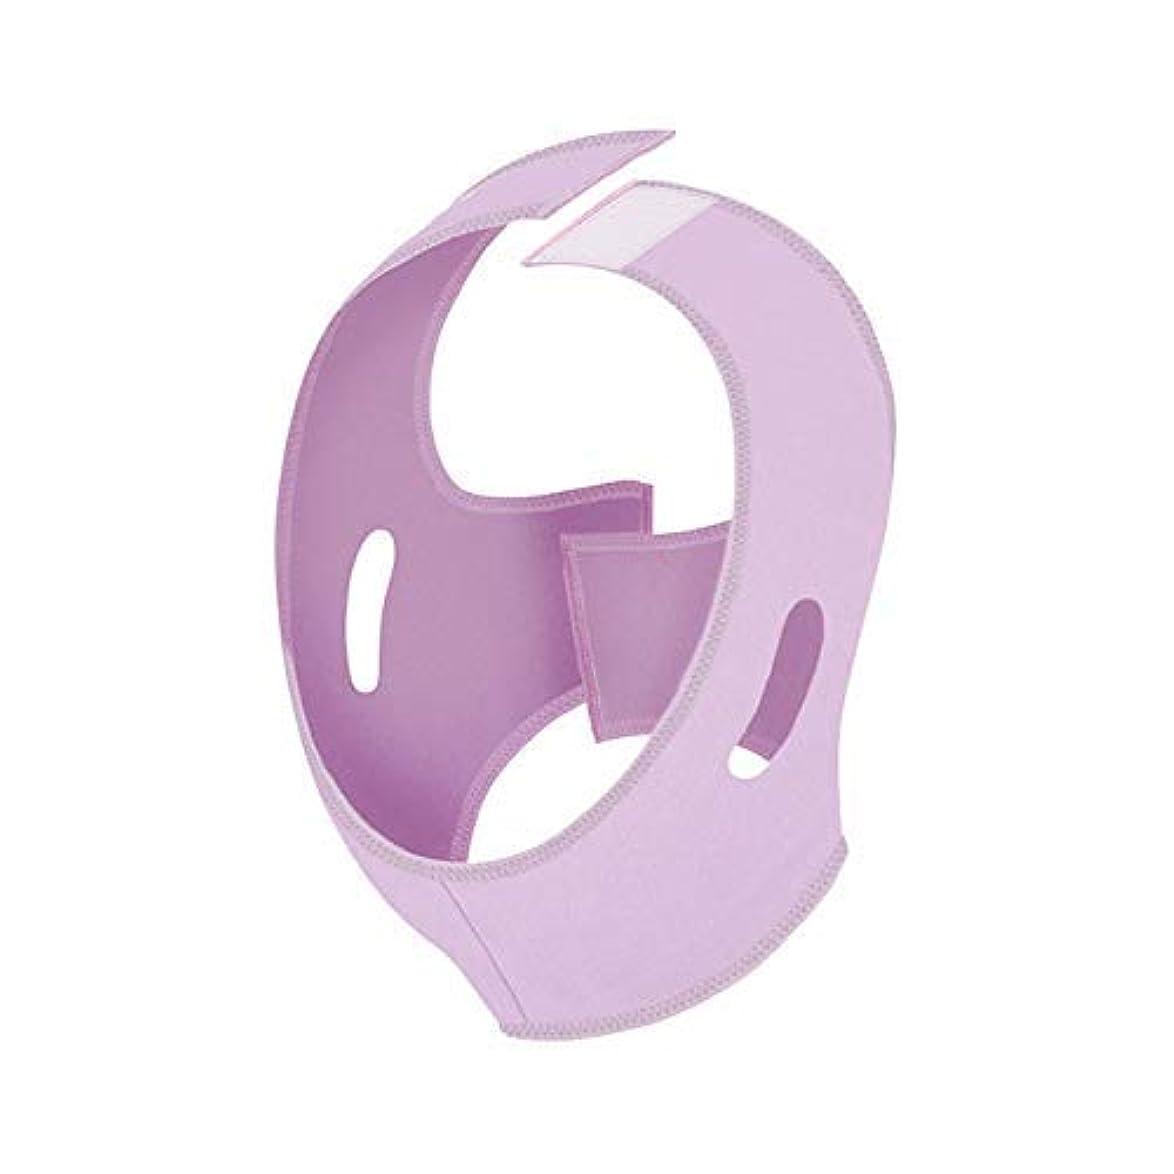 帰するアイザックボタンフェイシャルマスク、フェイスリフティングアーティファクトフェイスマスク垂れ下がり面付きVフェイス包帯通気性スリーピングフェイスダブルチンチンセット睡眠弾性スリムベルト